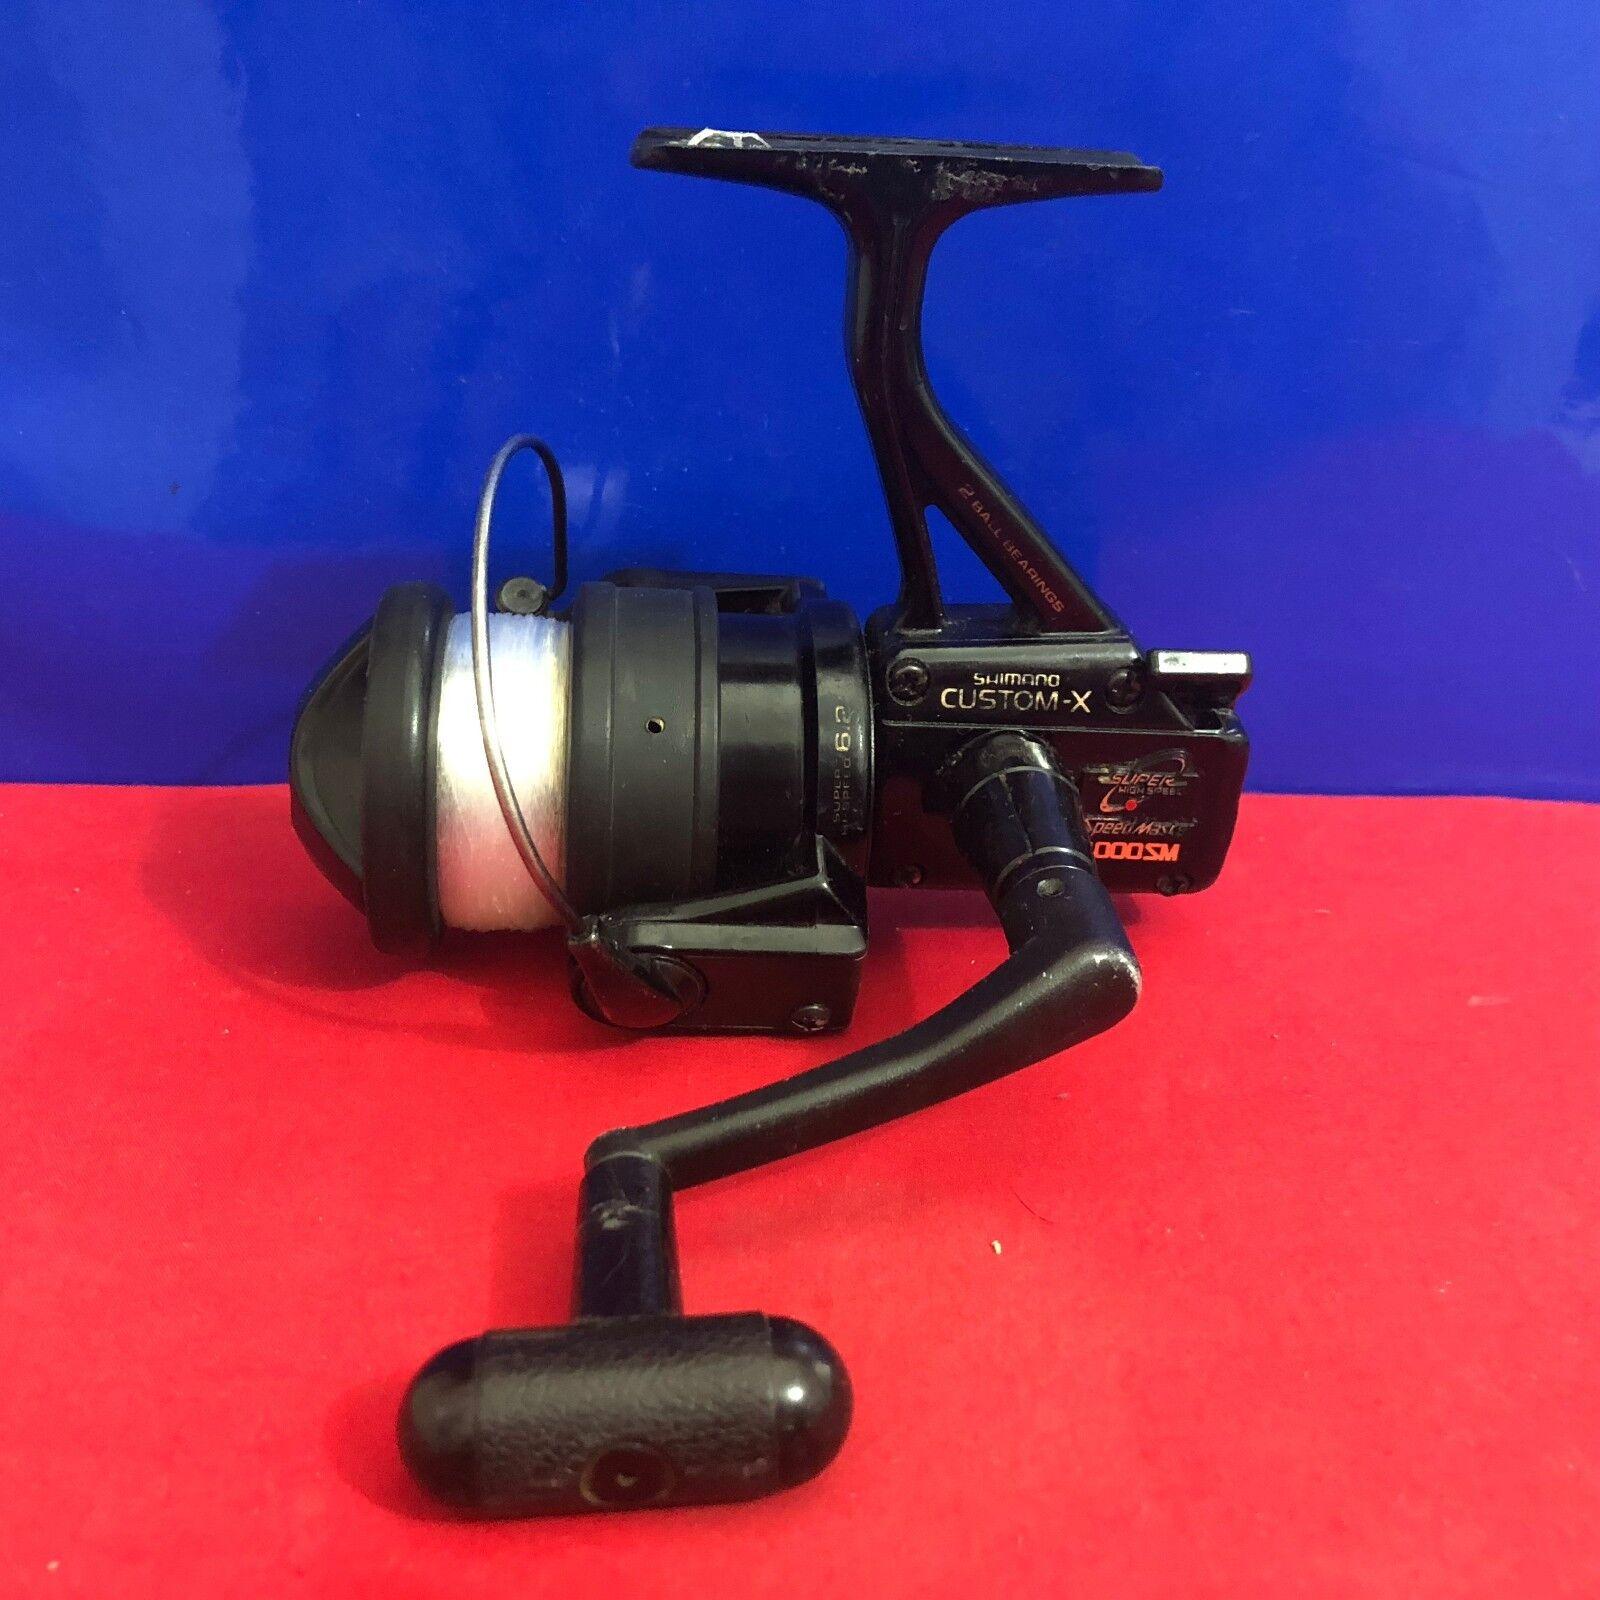 Shimano Personalizado-x velocidad Master 4000SM Spinning Reel De Pesca Z5